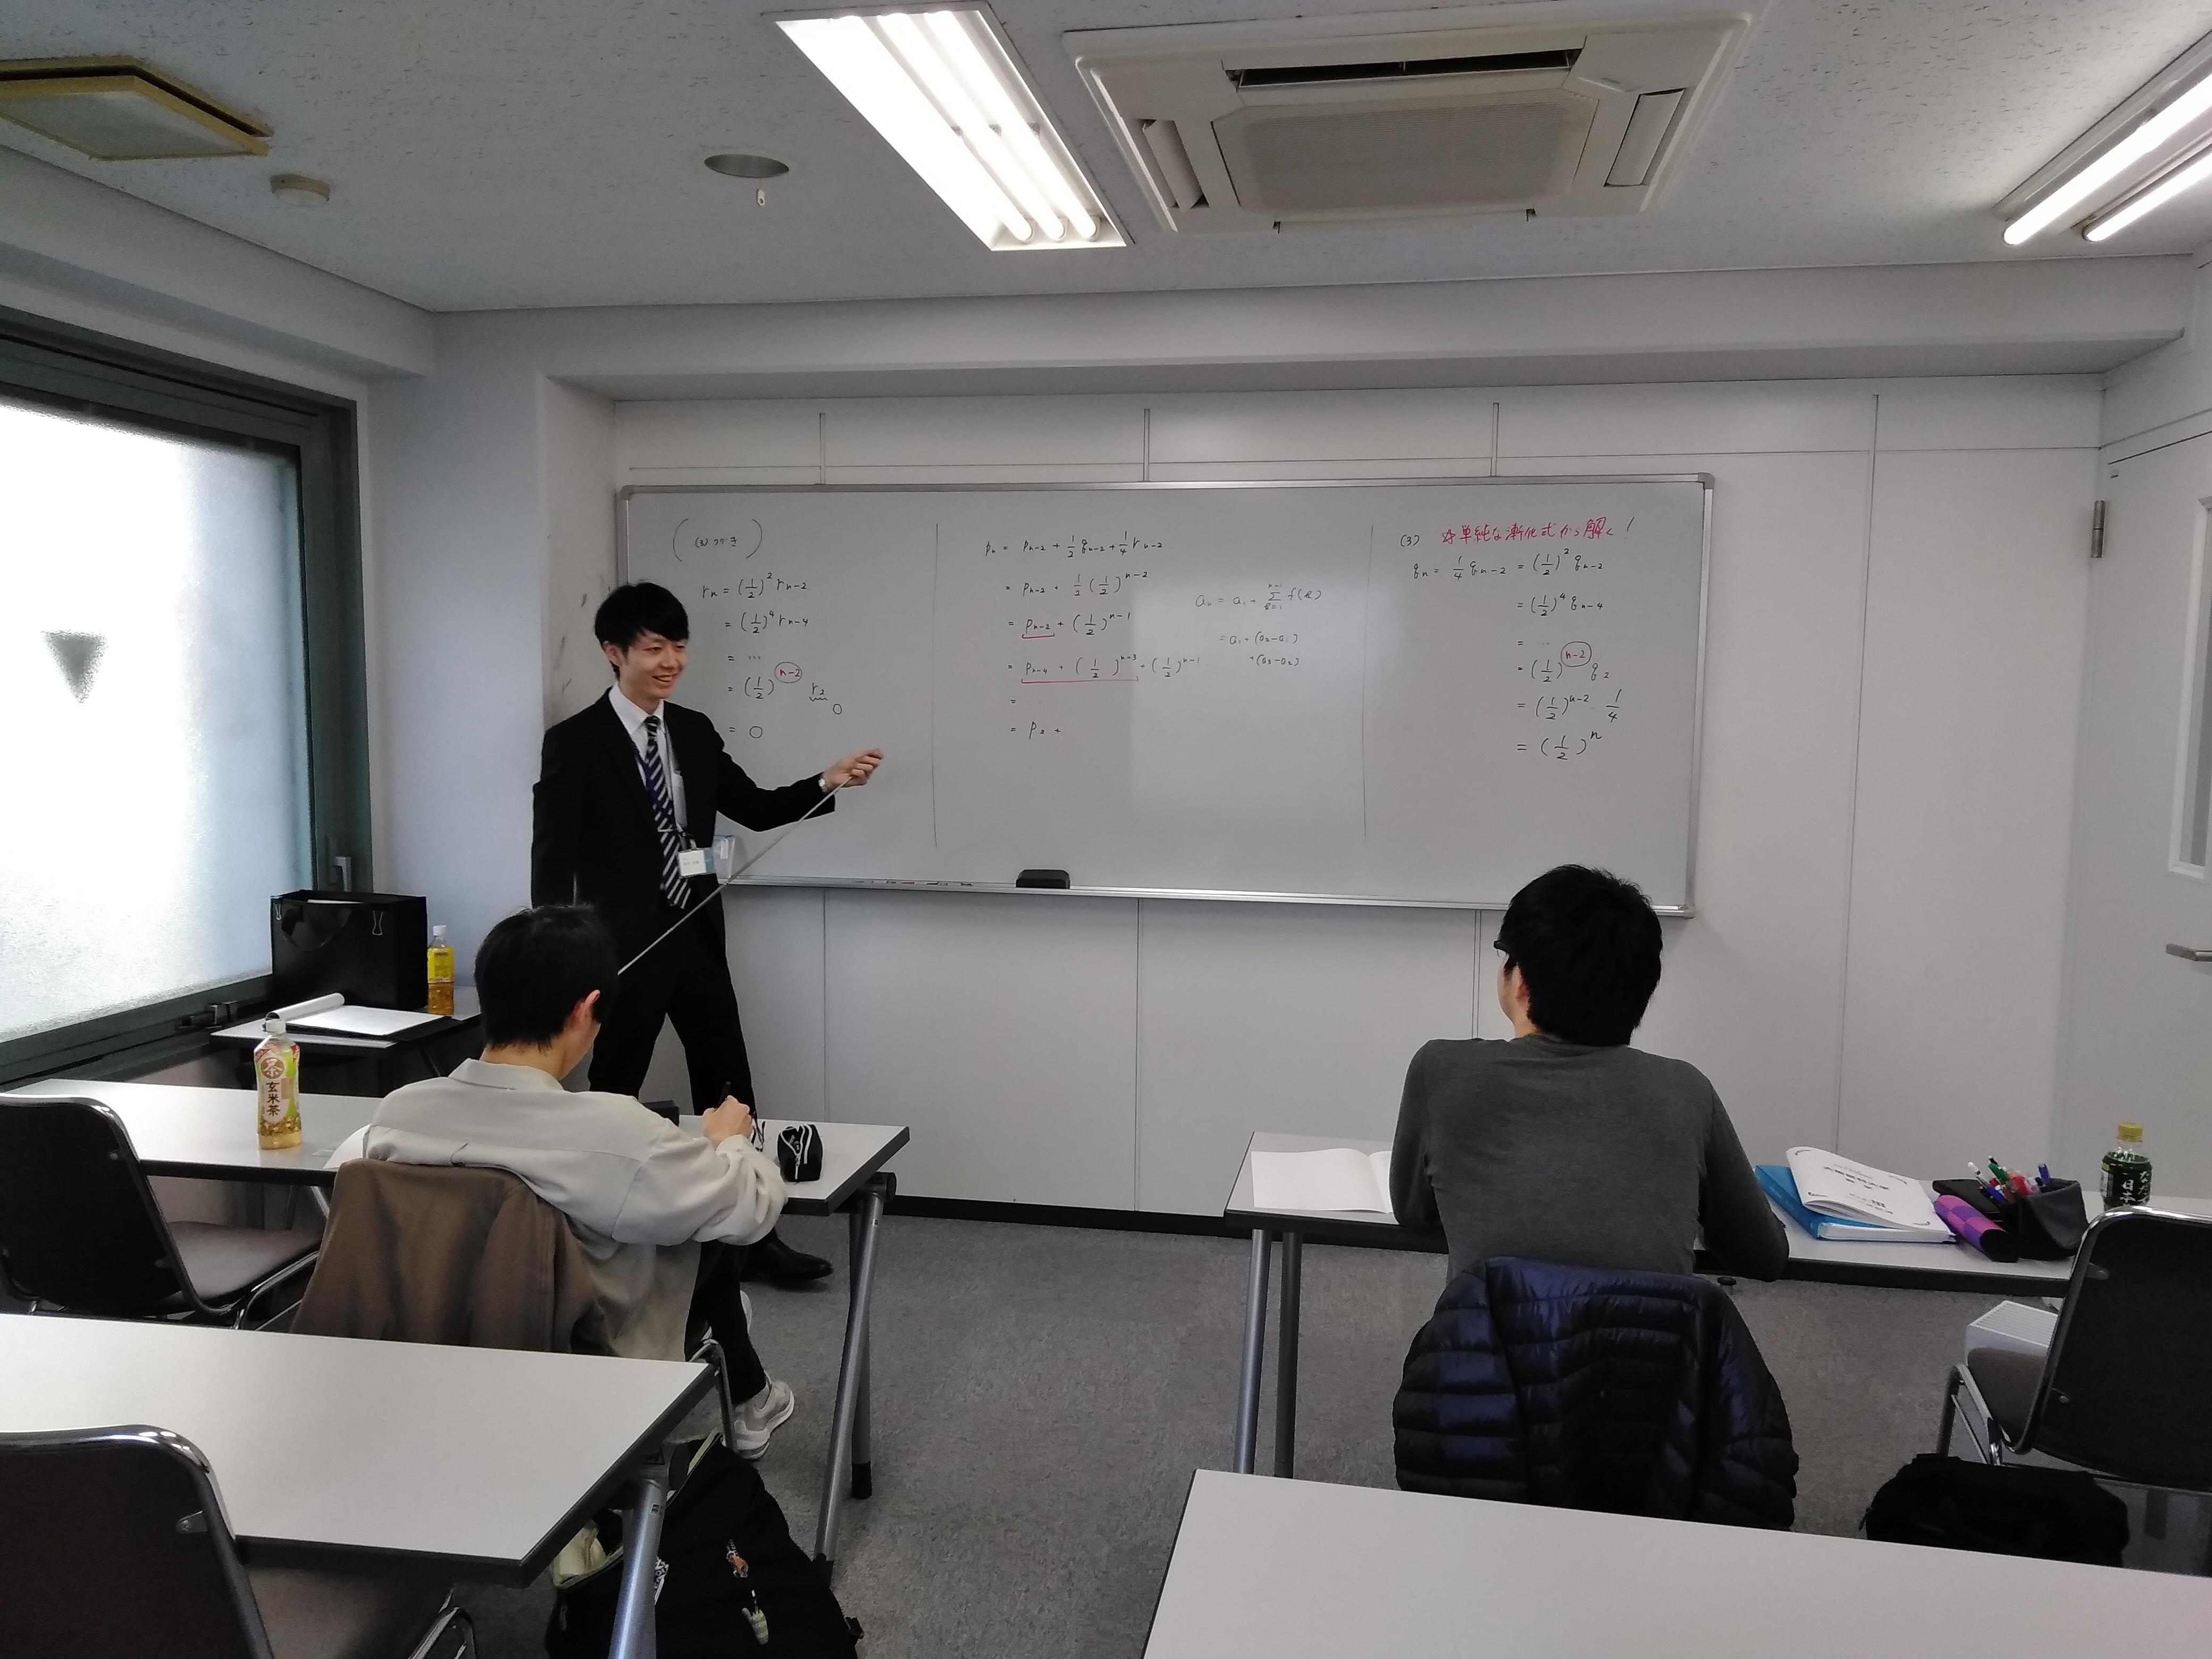 大学 大阪 医科